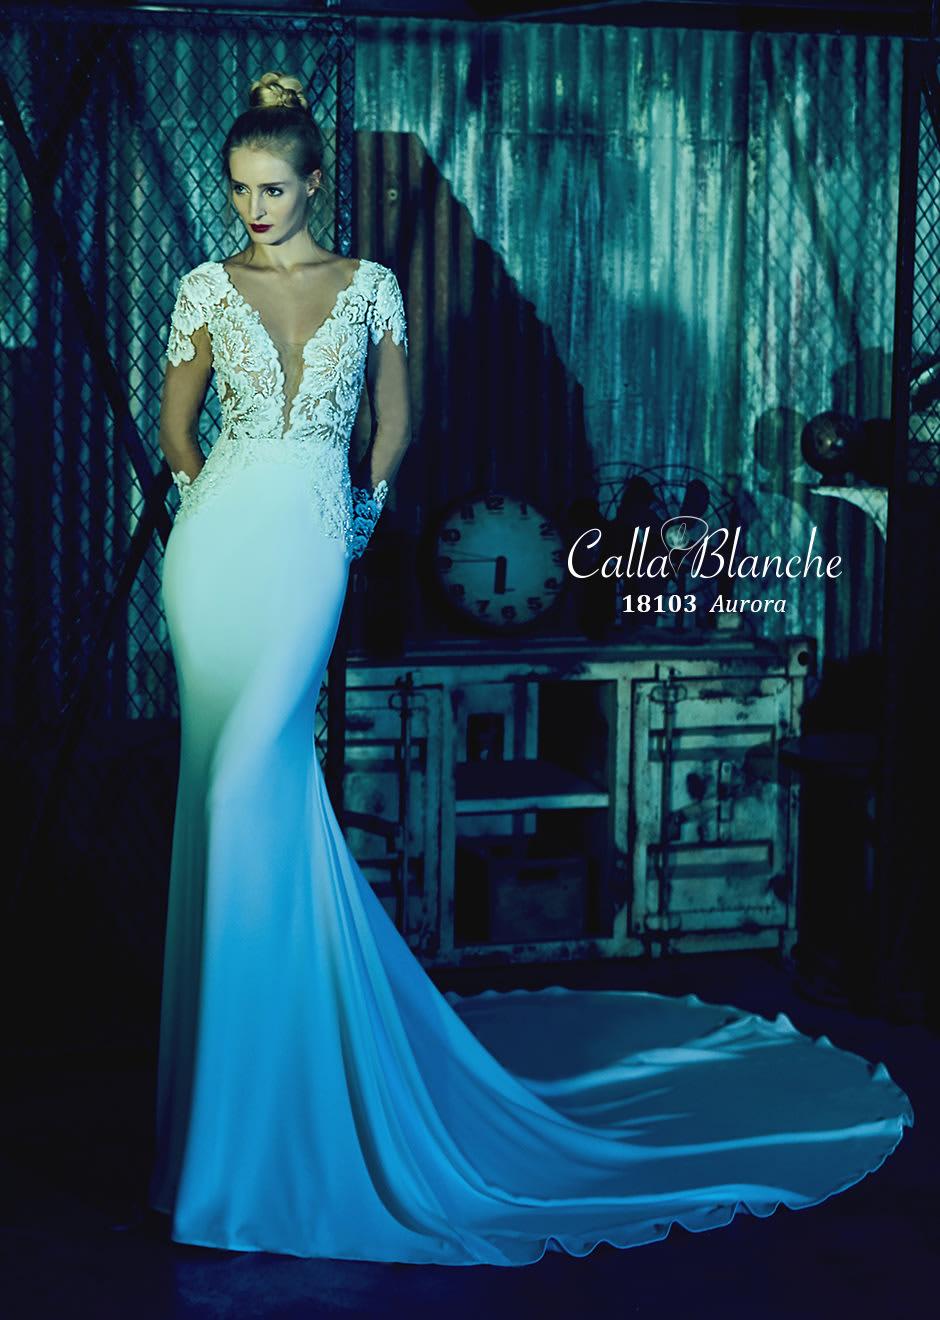 Vogue Couture Ltd - Bridal Gown Shops in Epsom KT19 0DT - 192.com